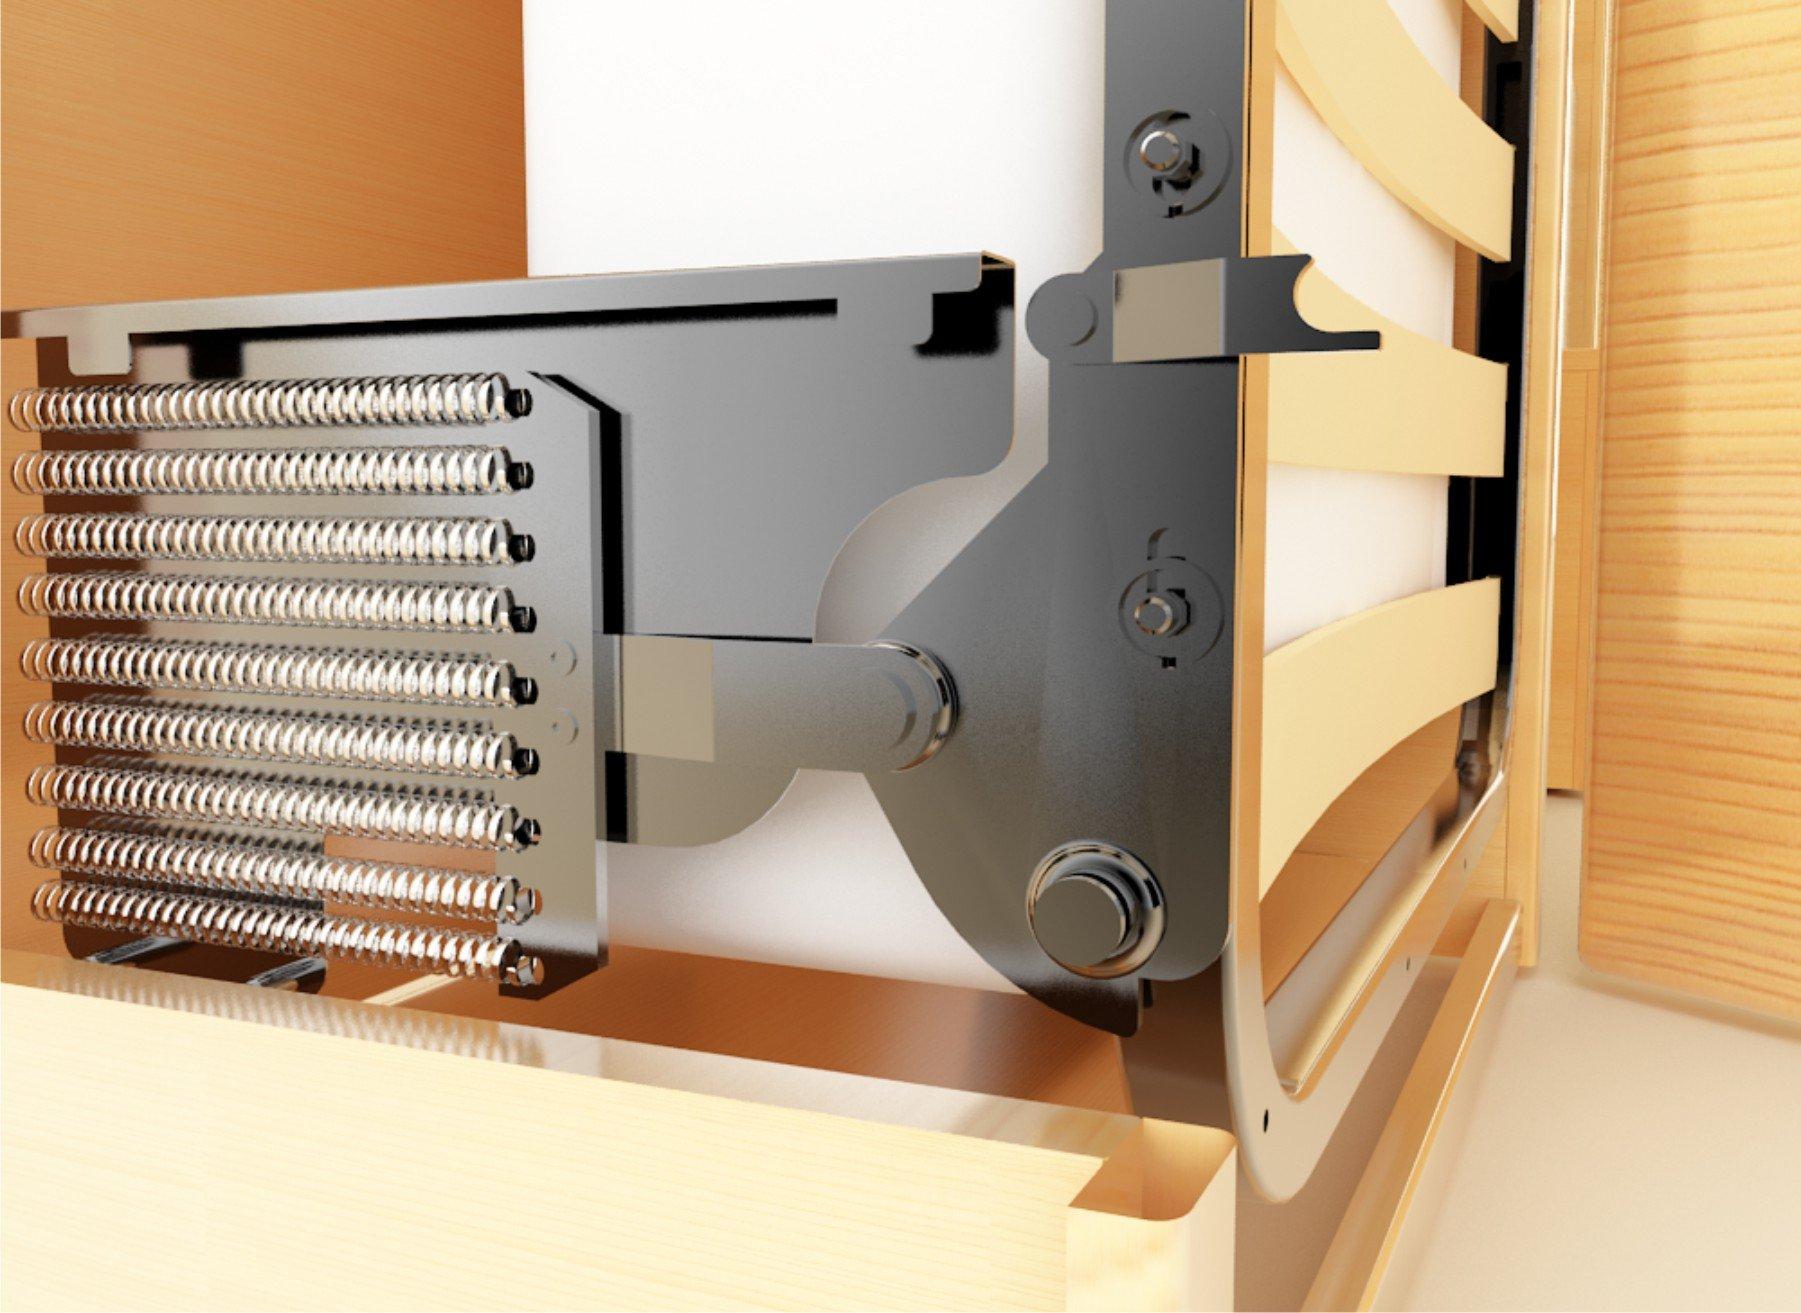 Механизм для кровати-трансформер своими руками фото 734